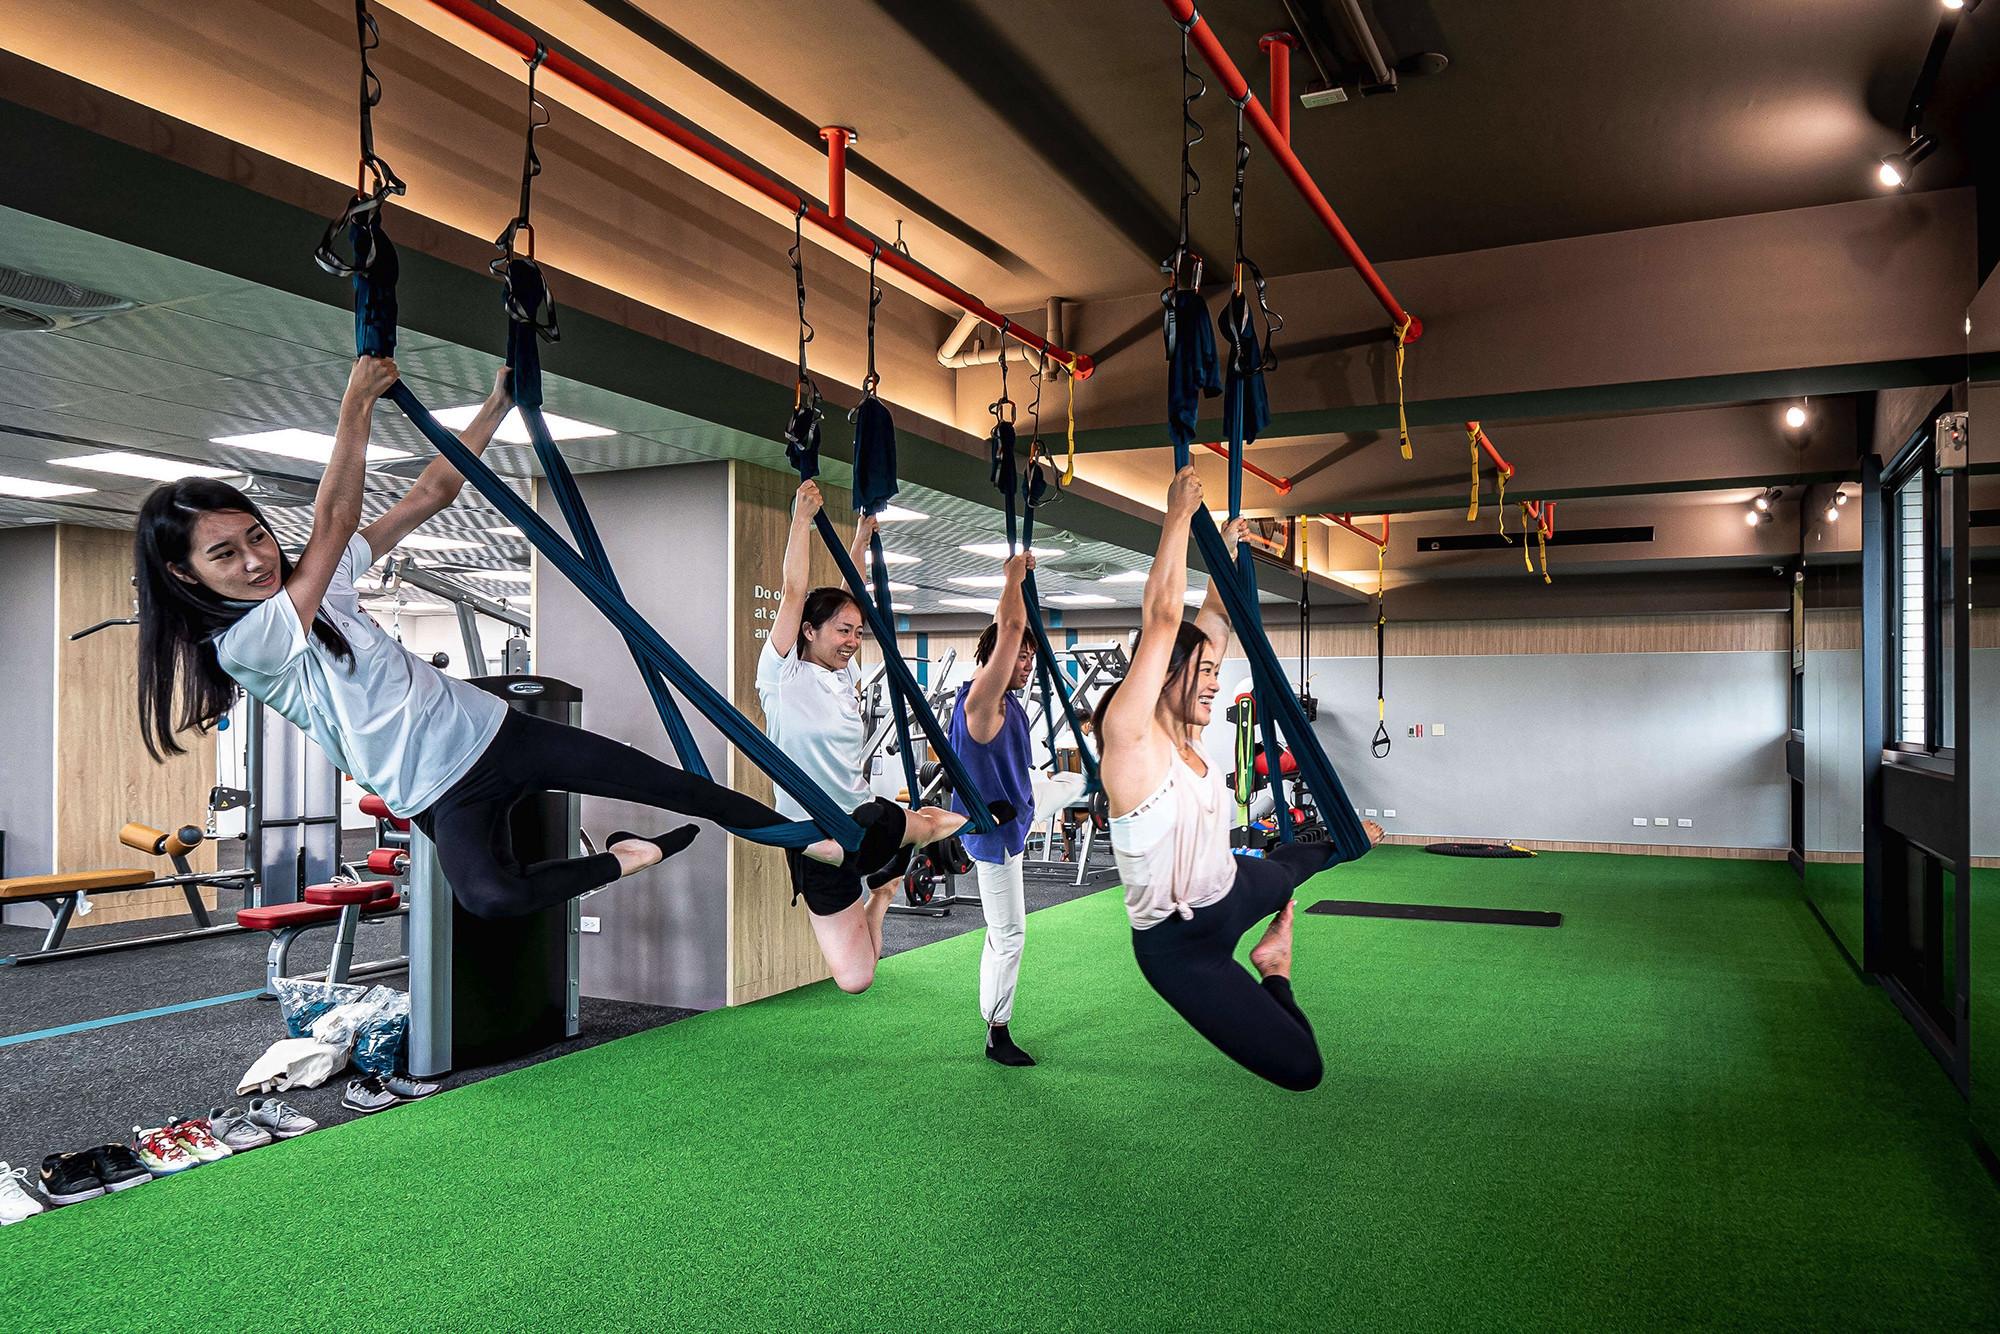 嘉義健身房室內空間設計-TRX訓練區|塔索肌力與體能訓練中心